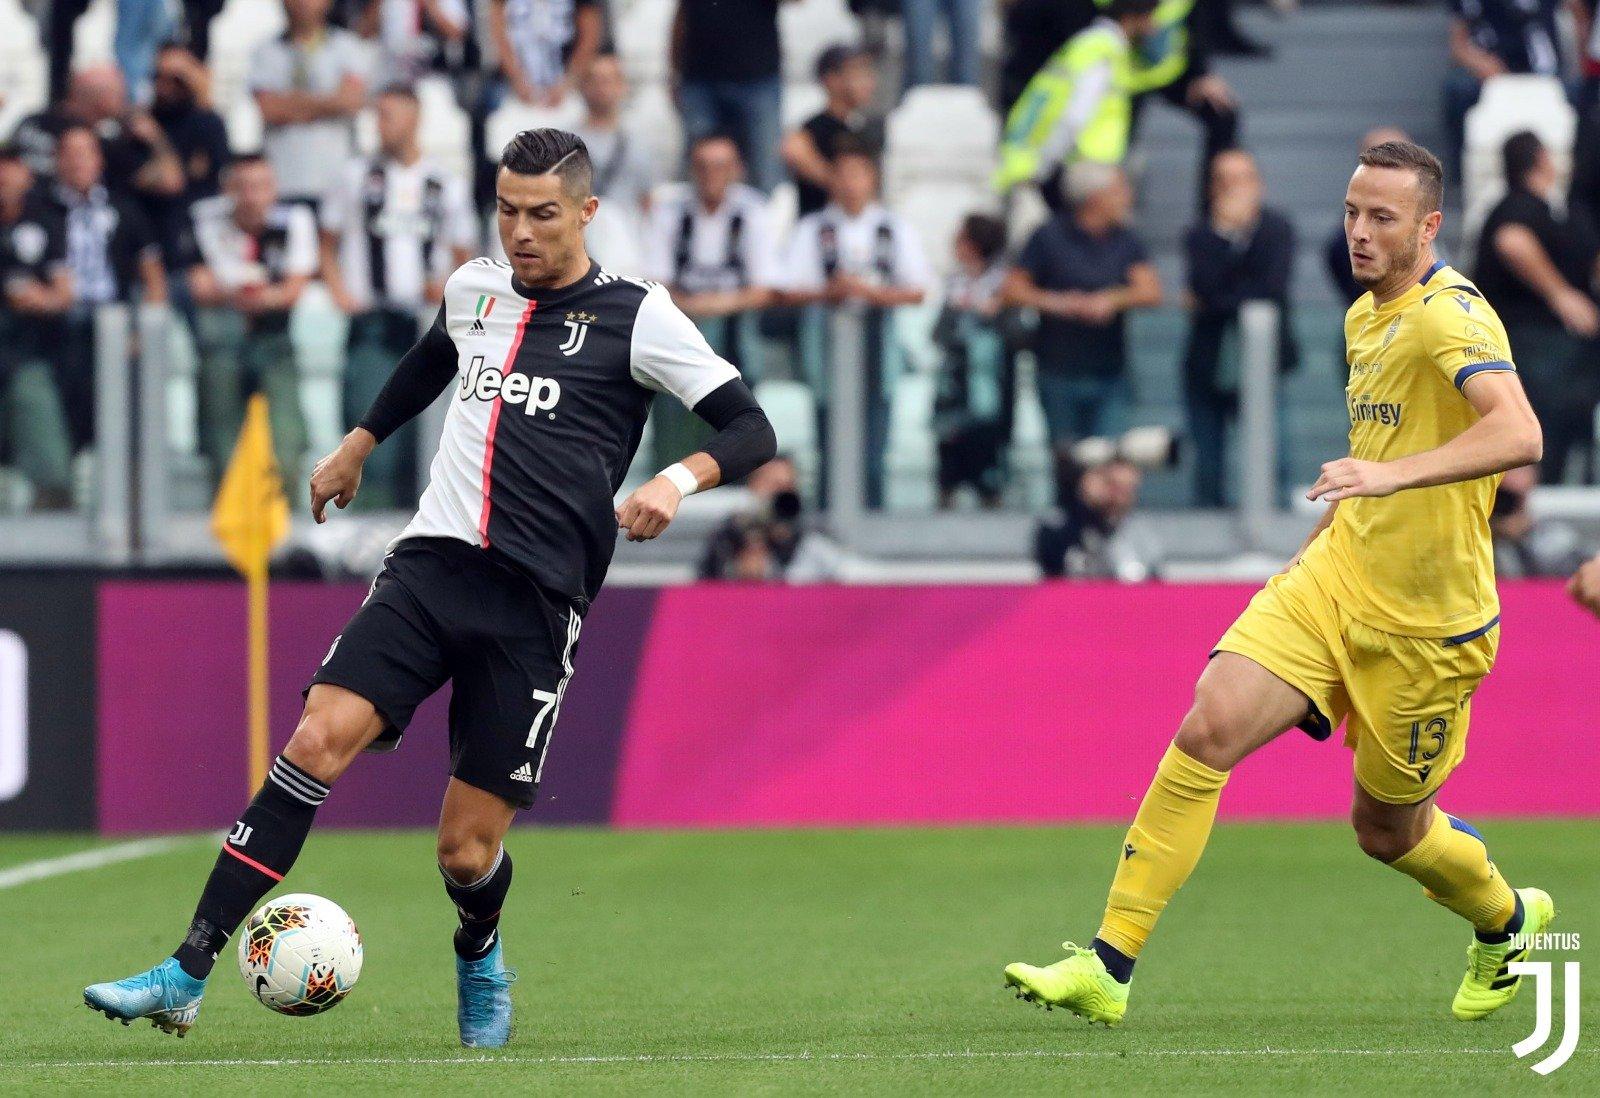 نتيجة مباراة هيلاس فيرونا ويوفنتوس بتاريخ 08-02-2020 الدوري الايطالي